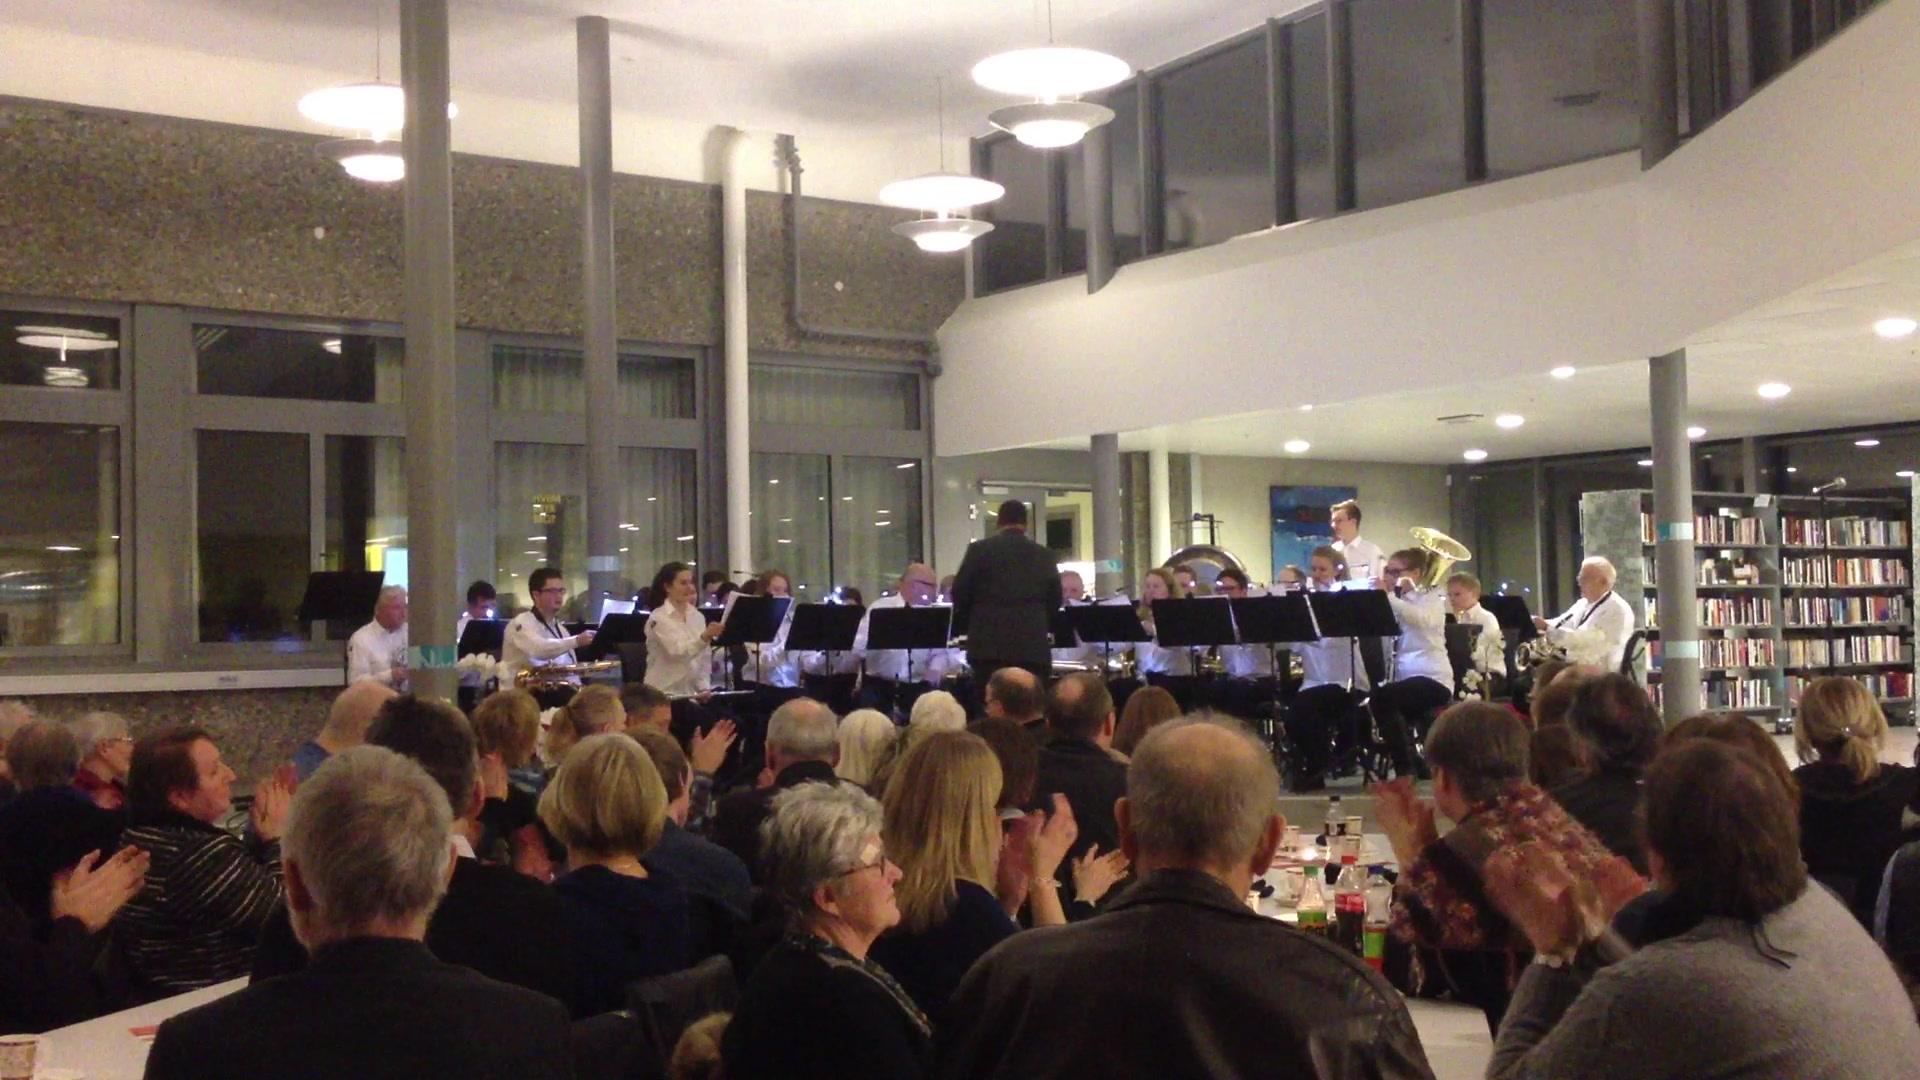 Finneid hornmusikks nyttårskonsert